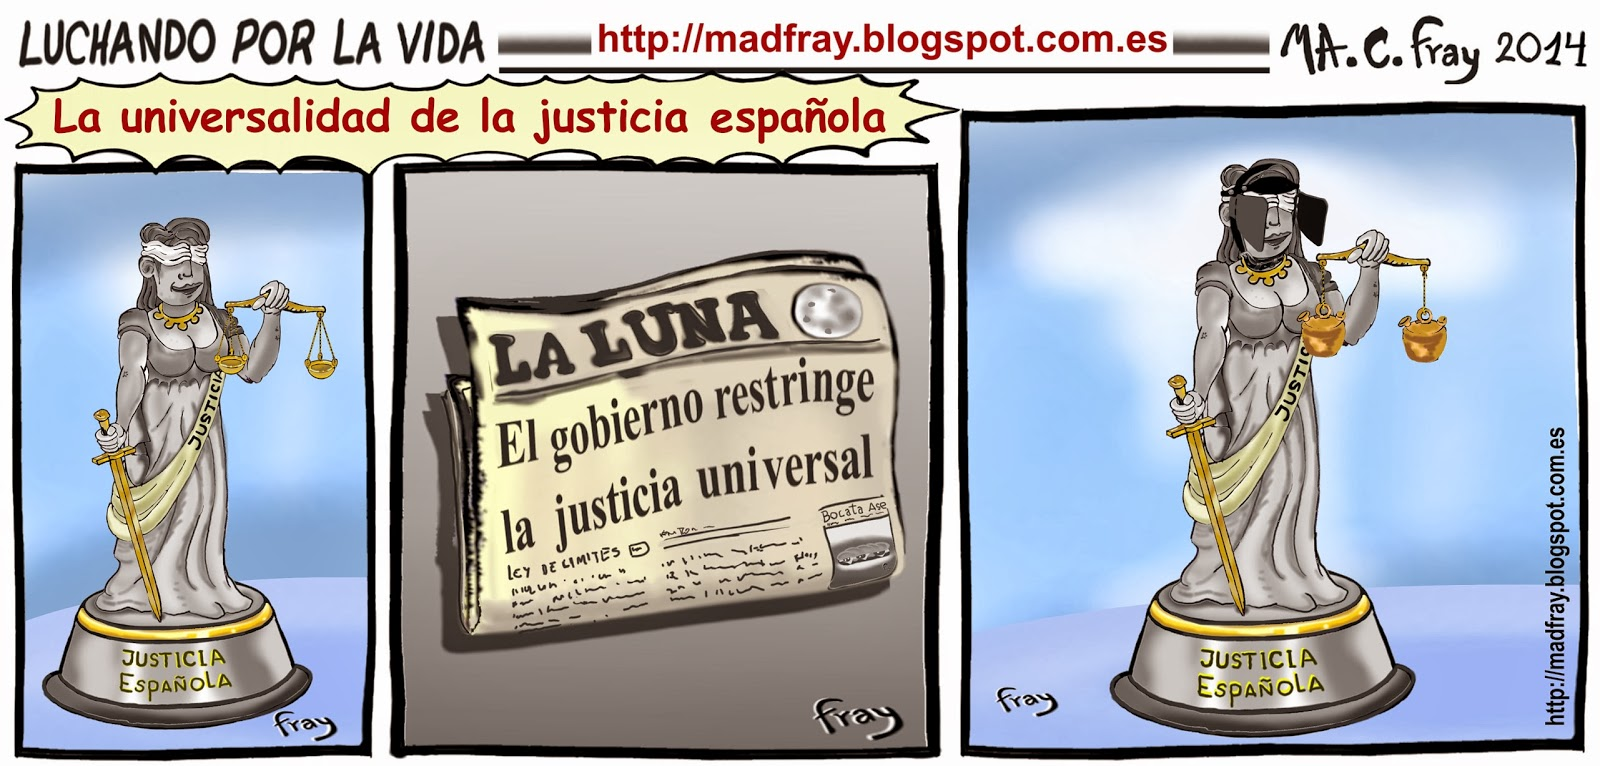 Viñeta de humor: El gobierno de España aprueba limitar los delitos  de genocidio o lesa humanidad, únicamente a los ciudadanos españoles o ciudadanos extranjeros que residan en nuestro país. Mad Fray